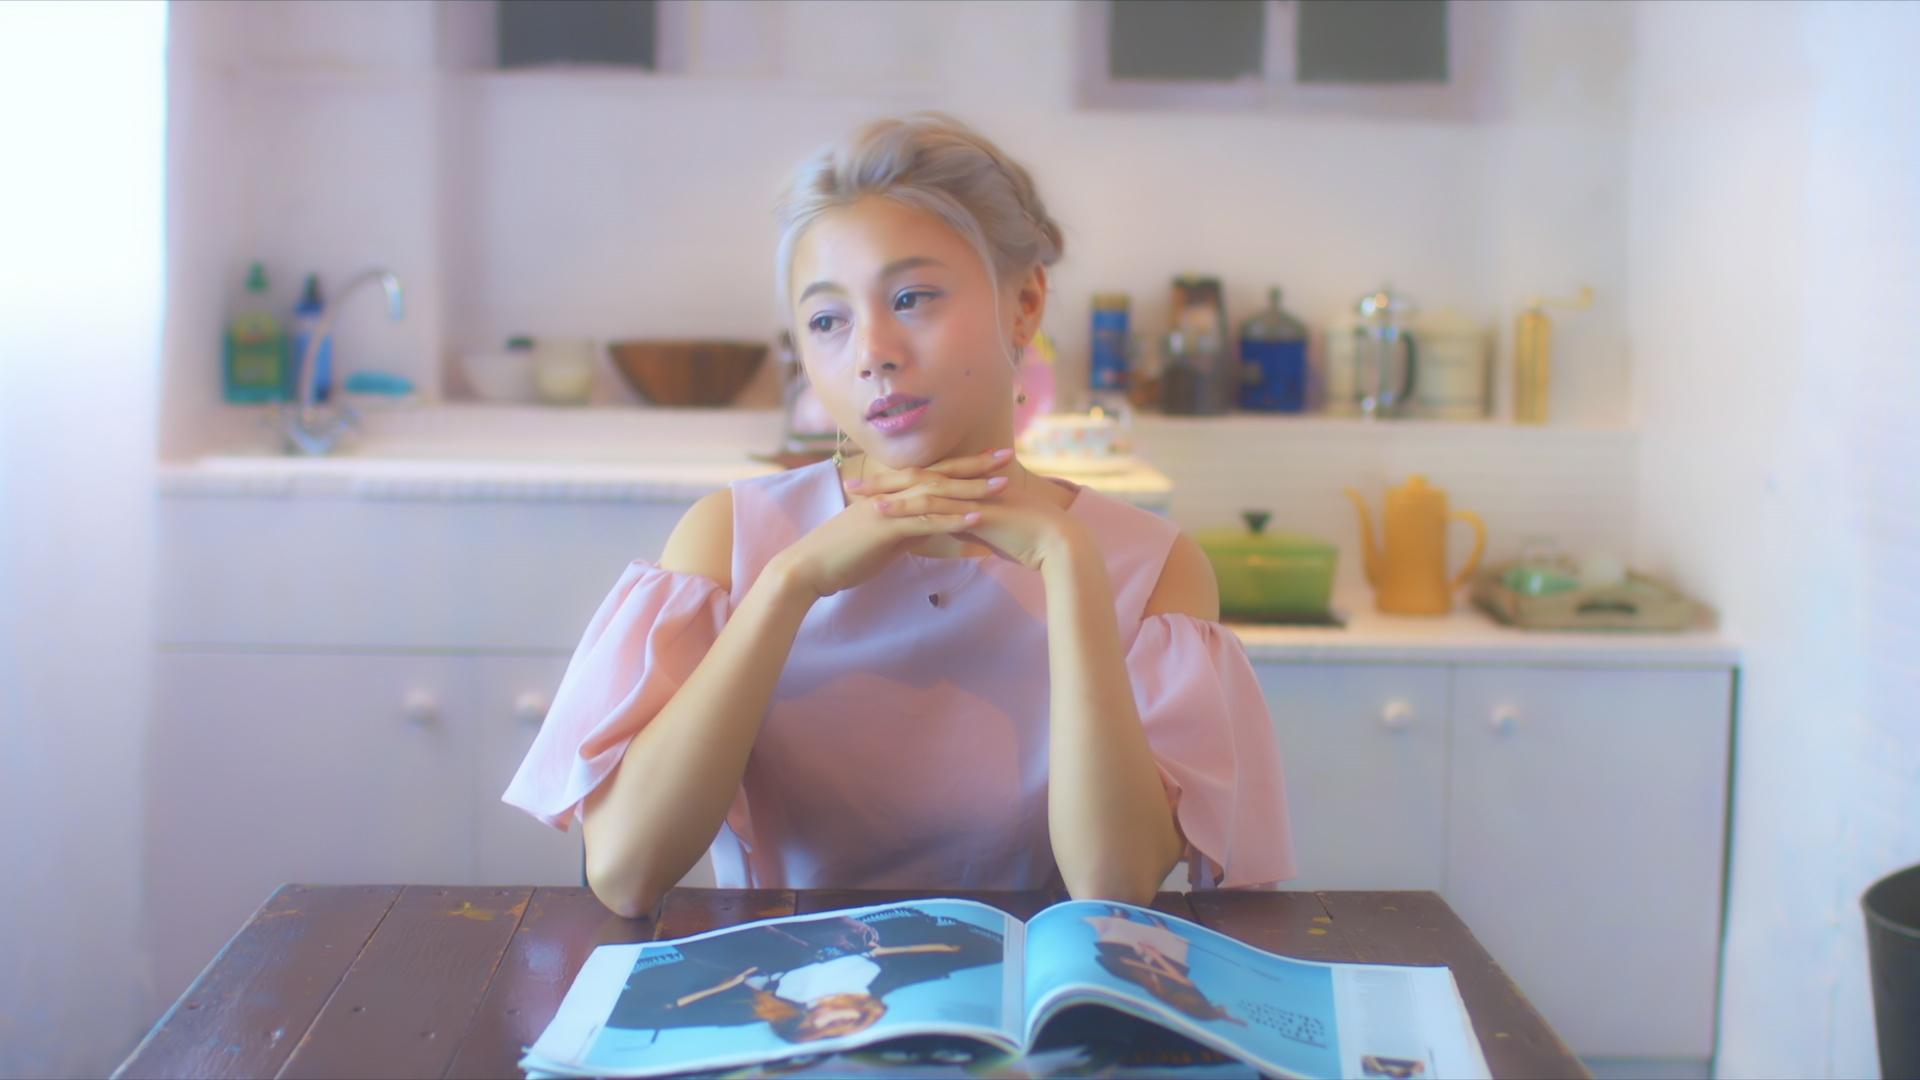 【MV】クオシャオシャオ(郭曉曉)「如果我要結婚」(2016/5min)